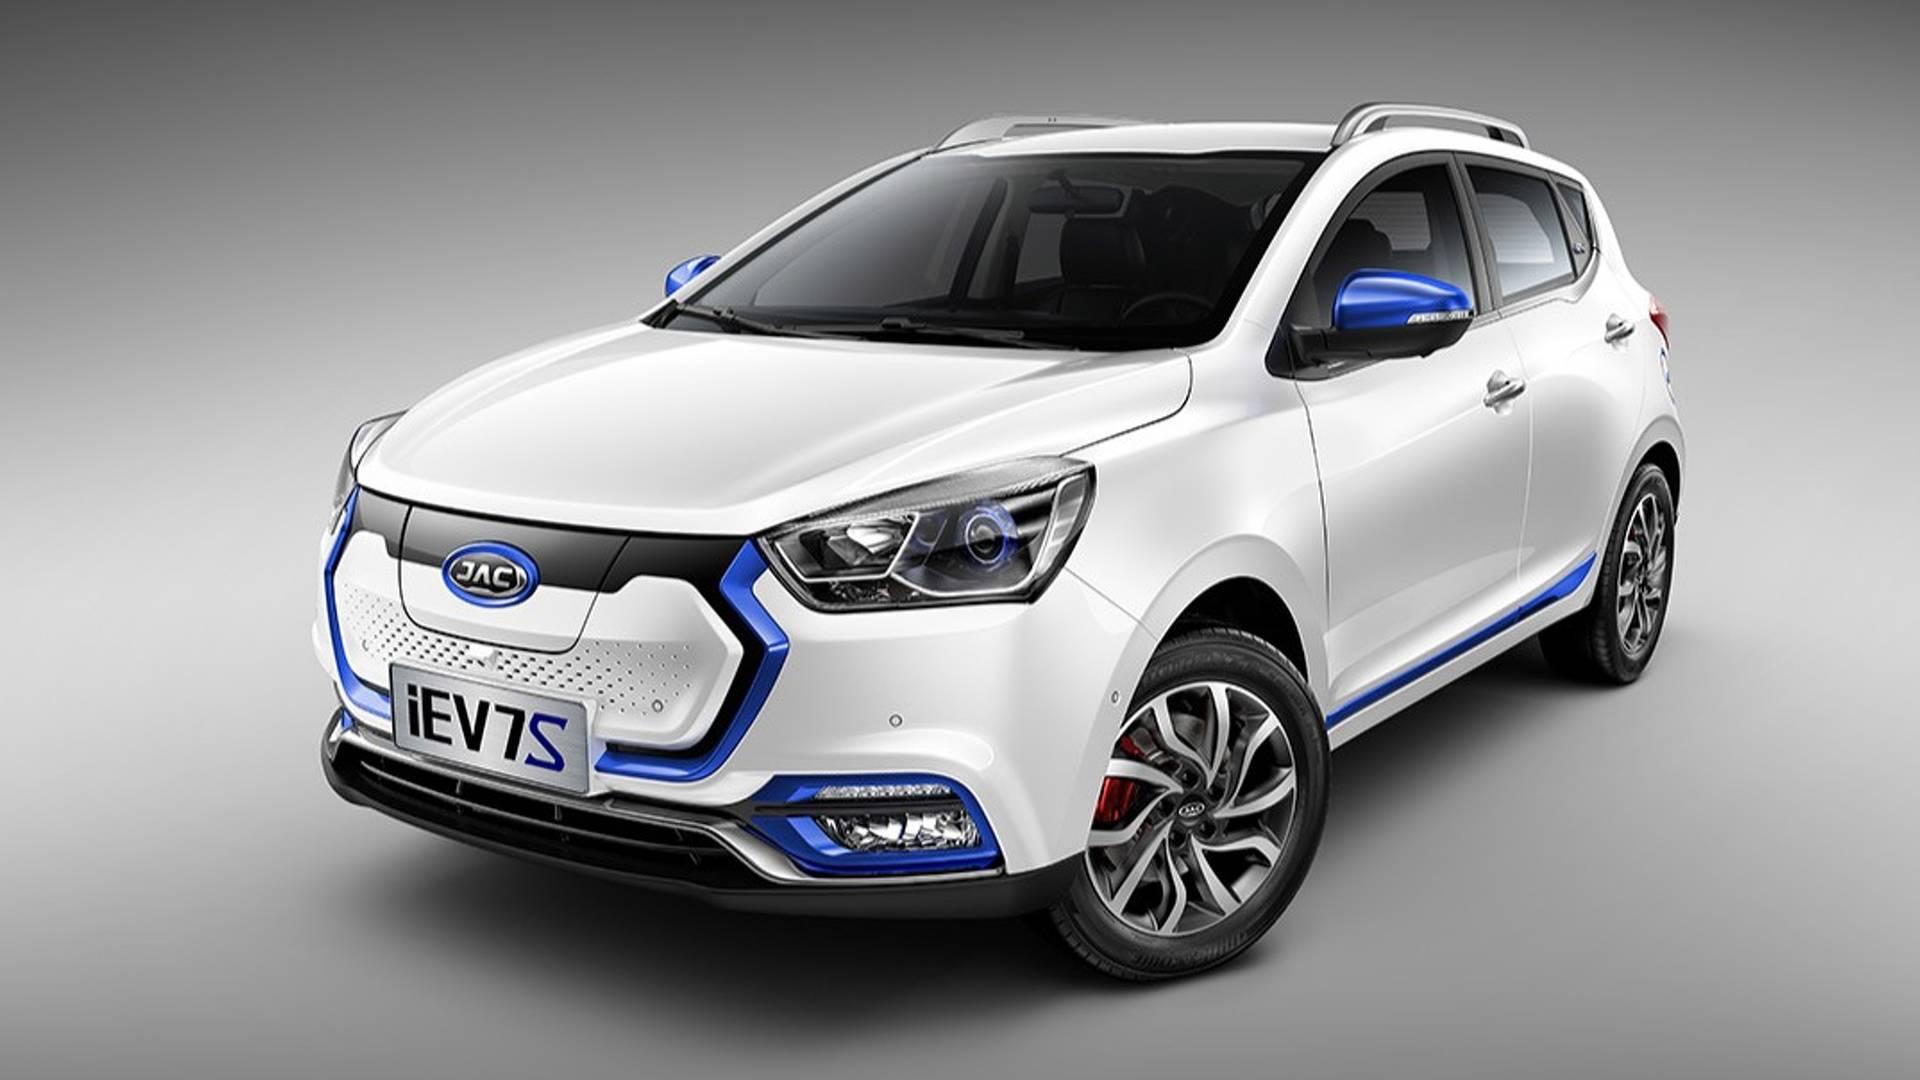 JAC уточнил комплектацию доступного электромобиля для России